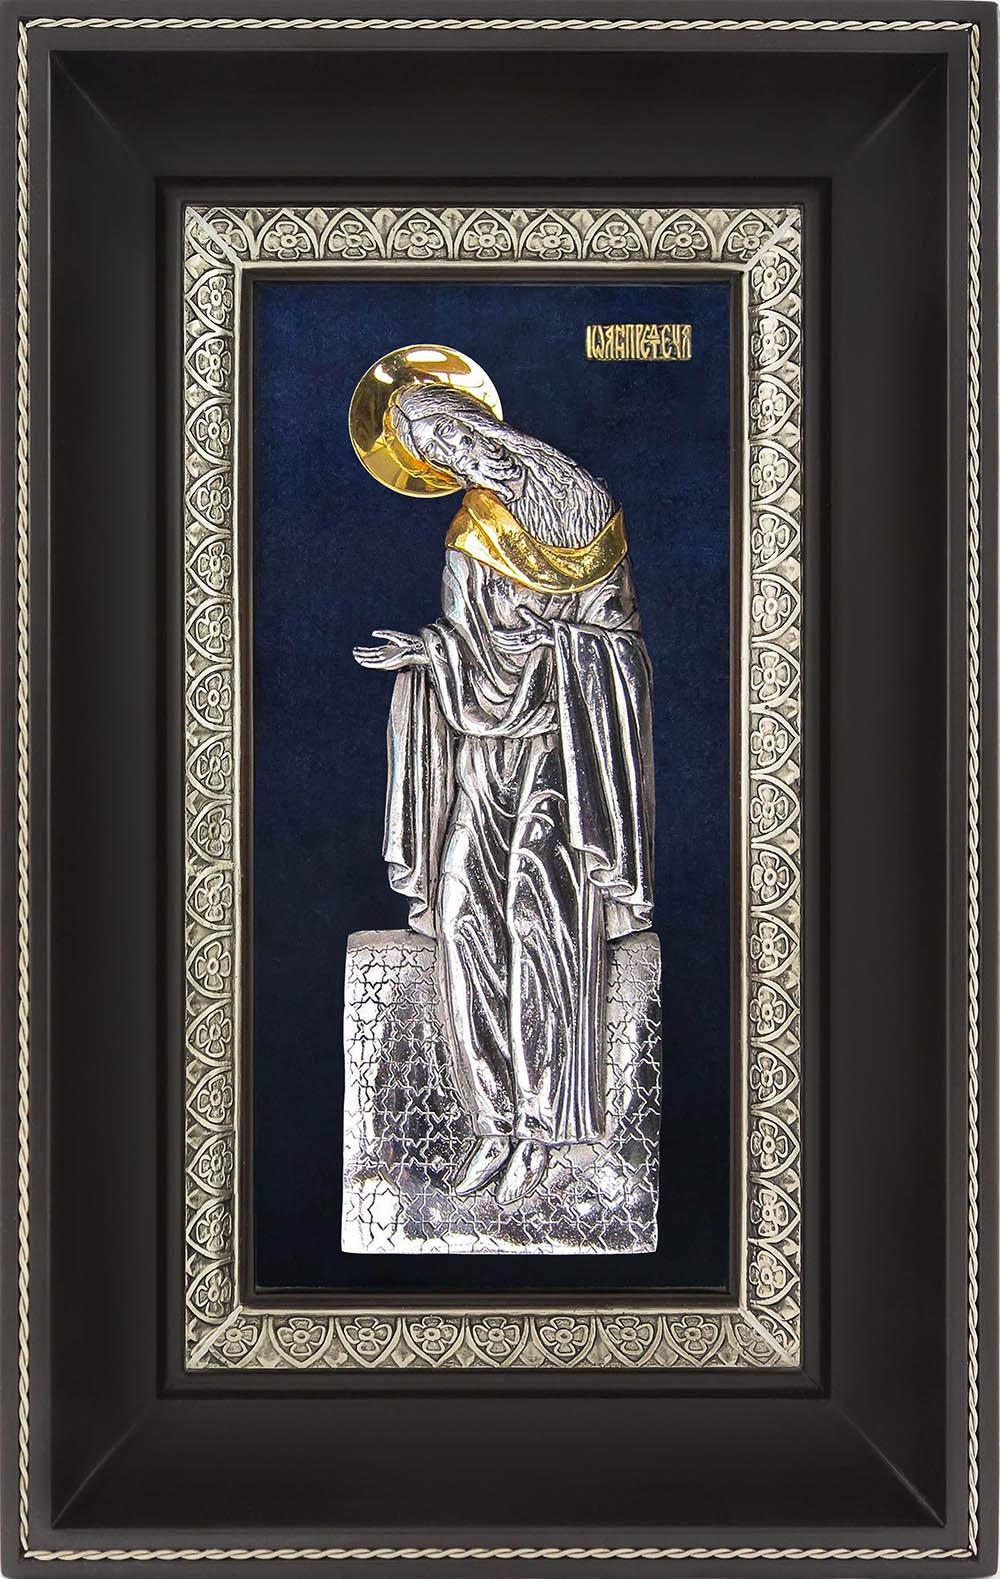 фото икона святого Иоанна Предтечи Крестителя гальванопластика золото серебро